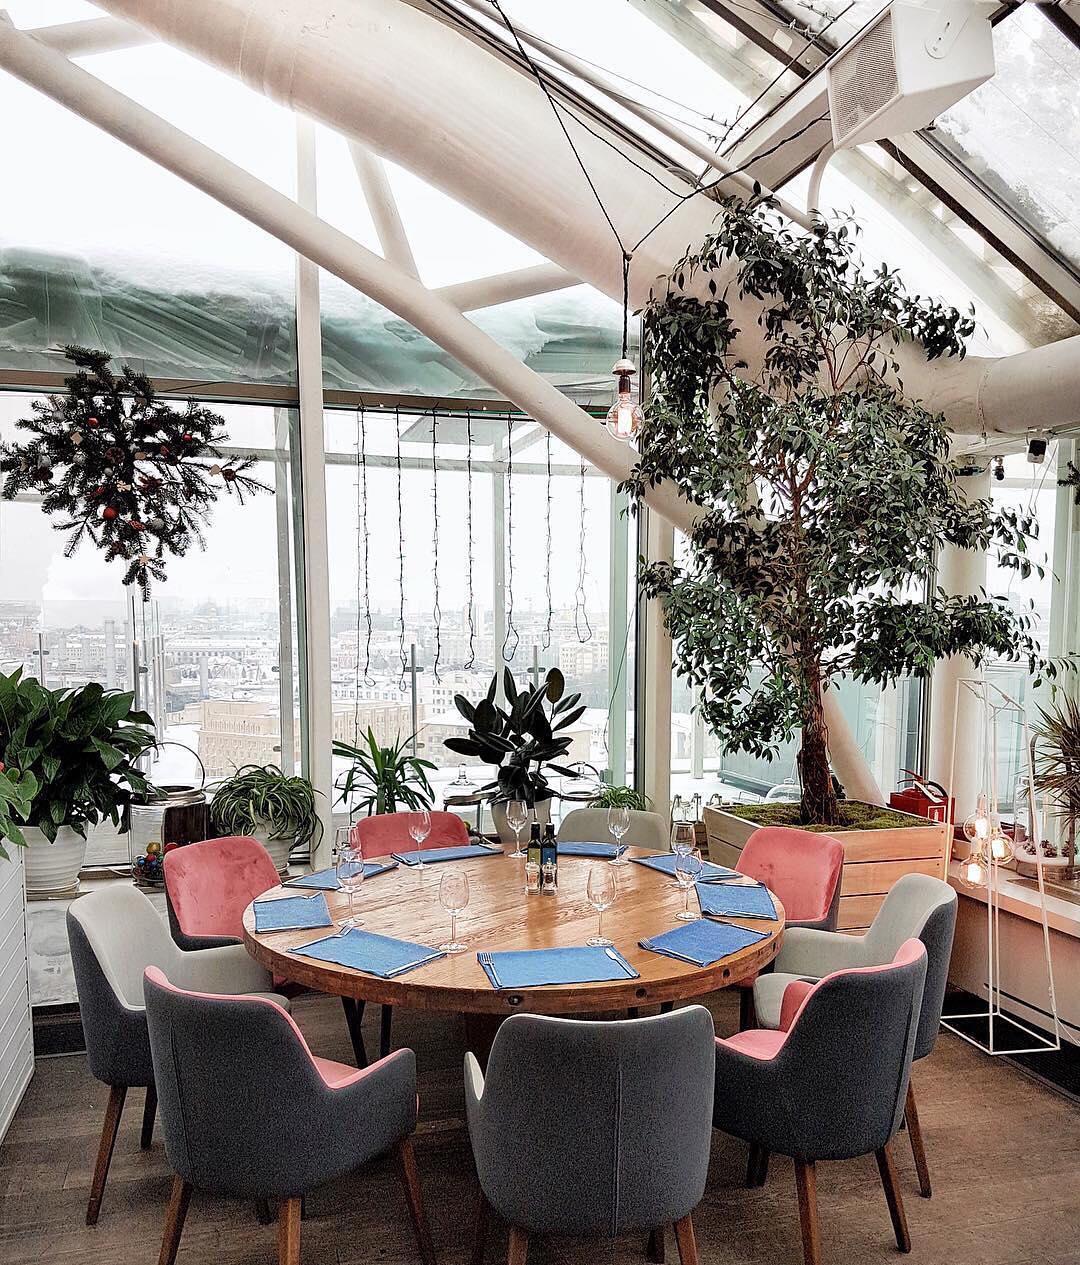 Панорамный Ресторан Карлсон (РИЦ) фото 2